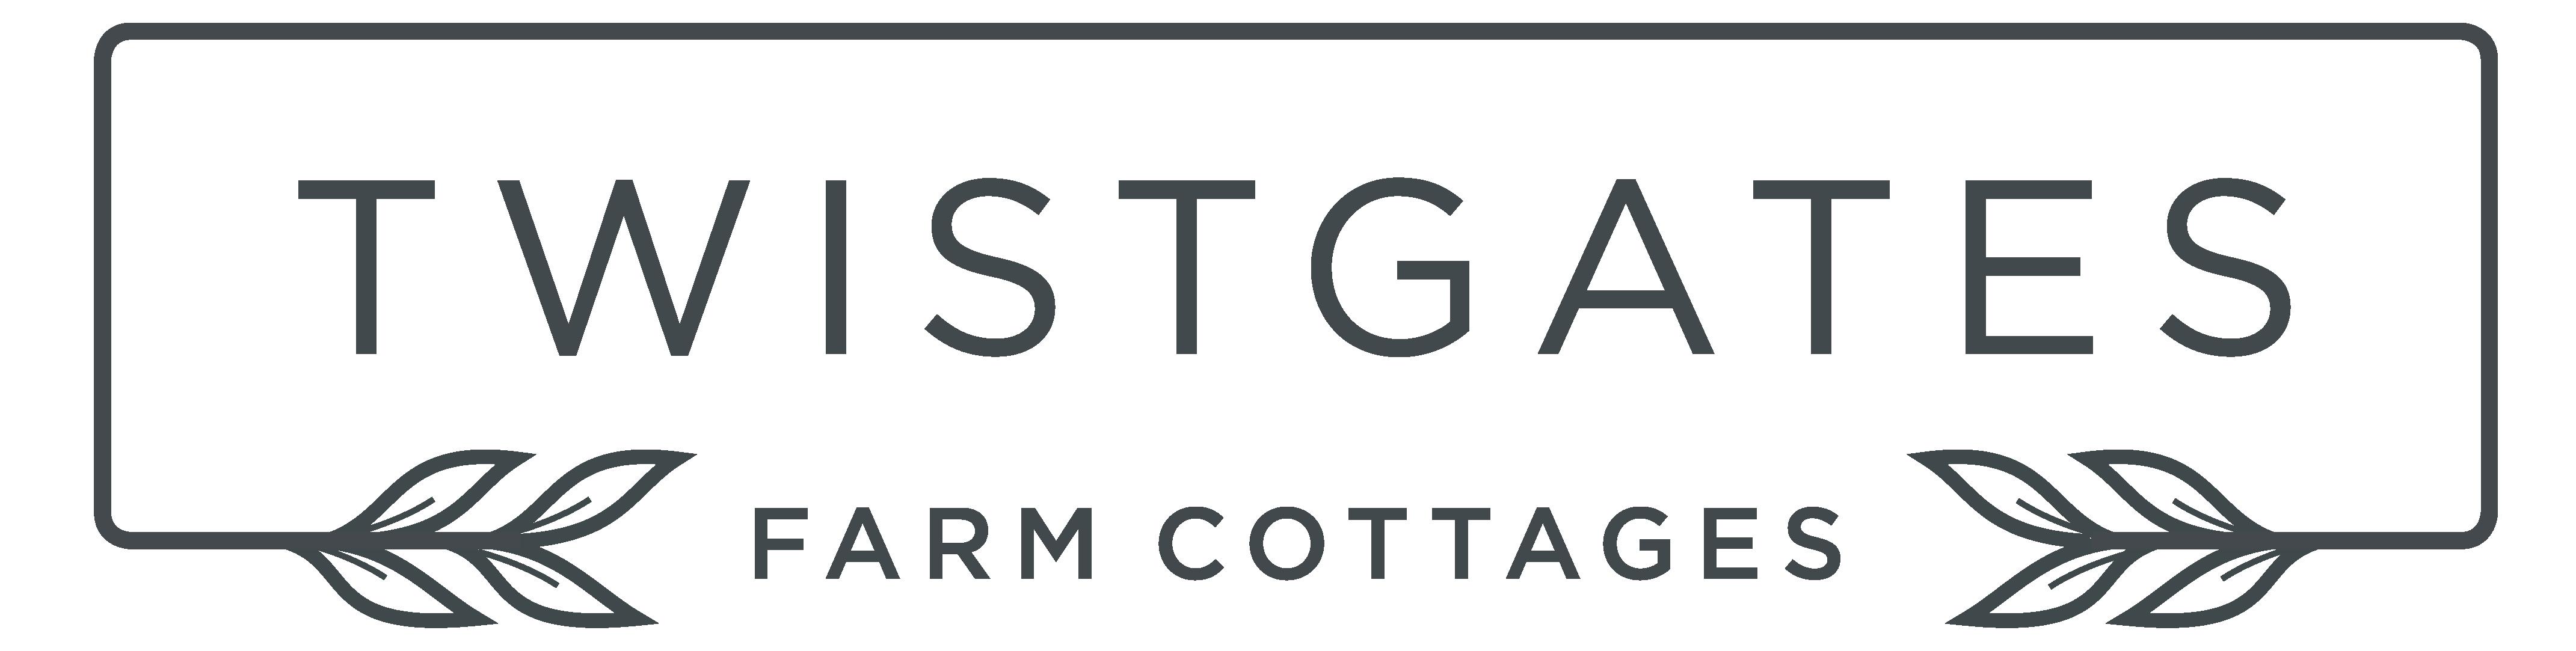 Twistgates Farm Cottages